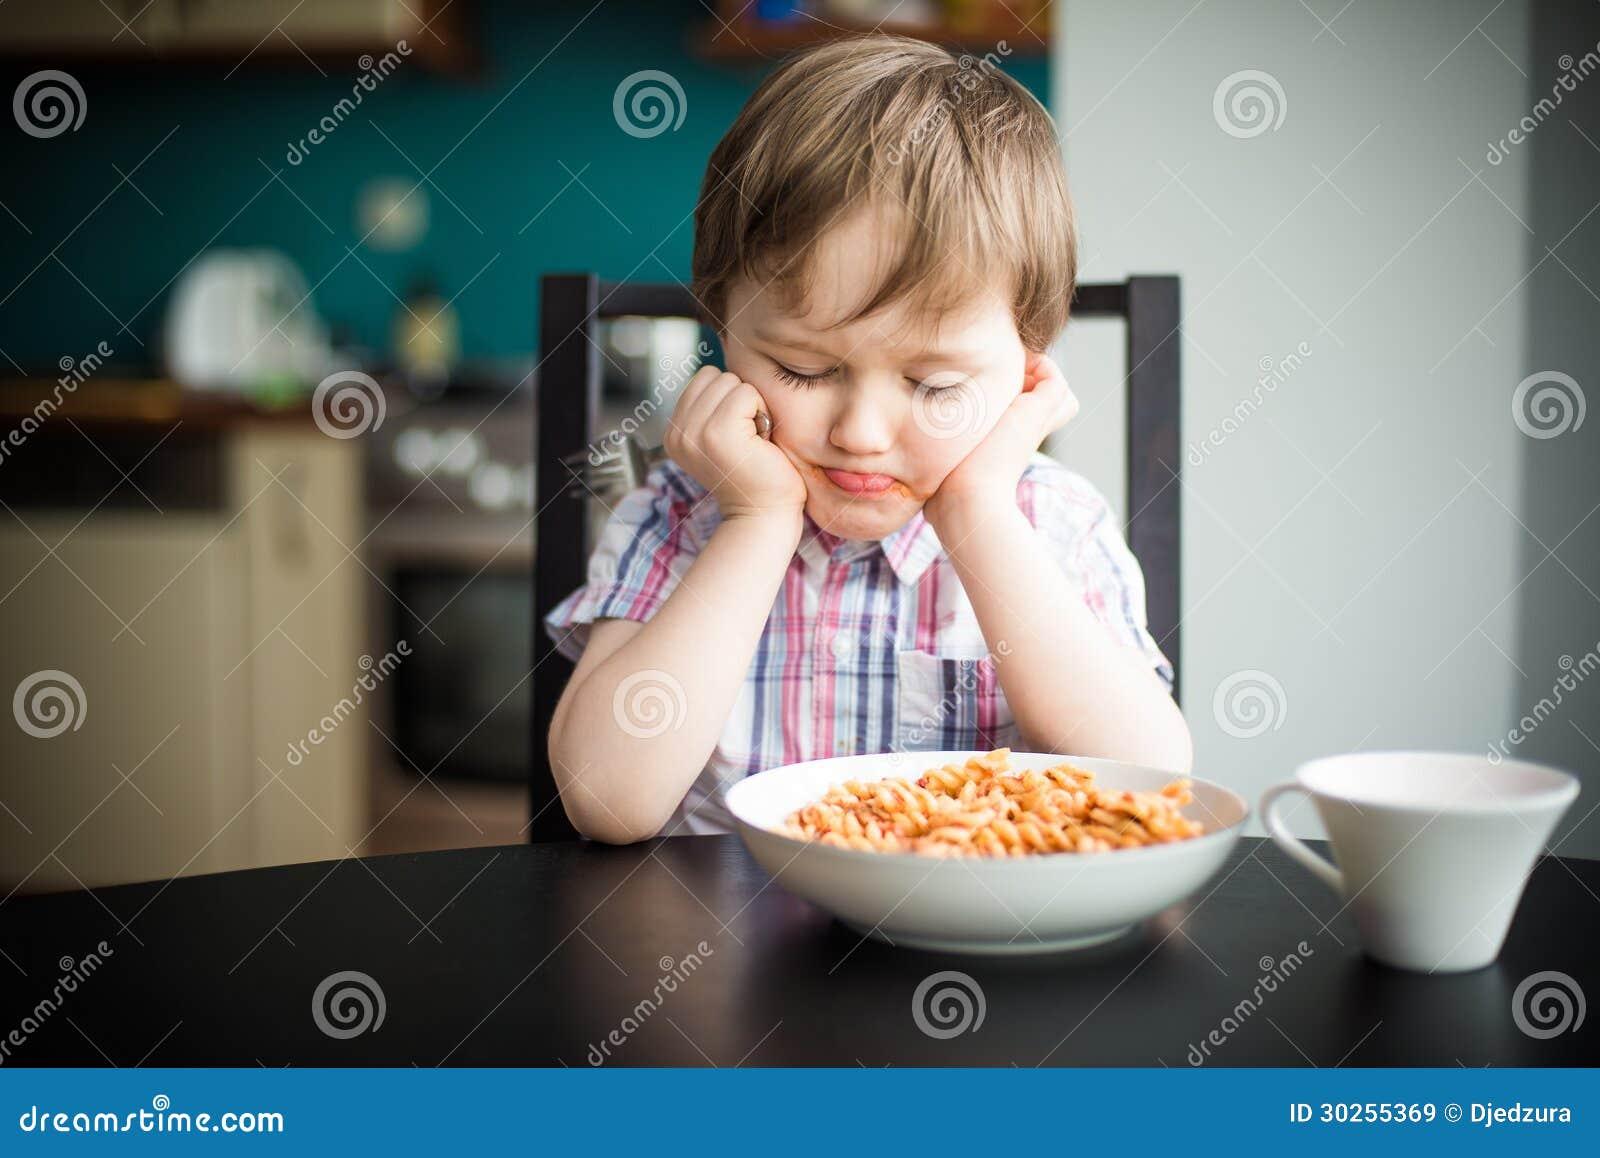 Beledigde jongen bij diner